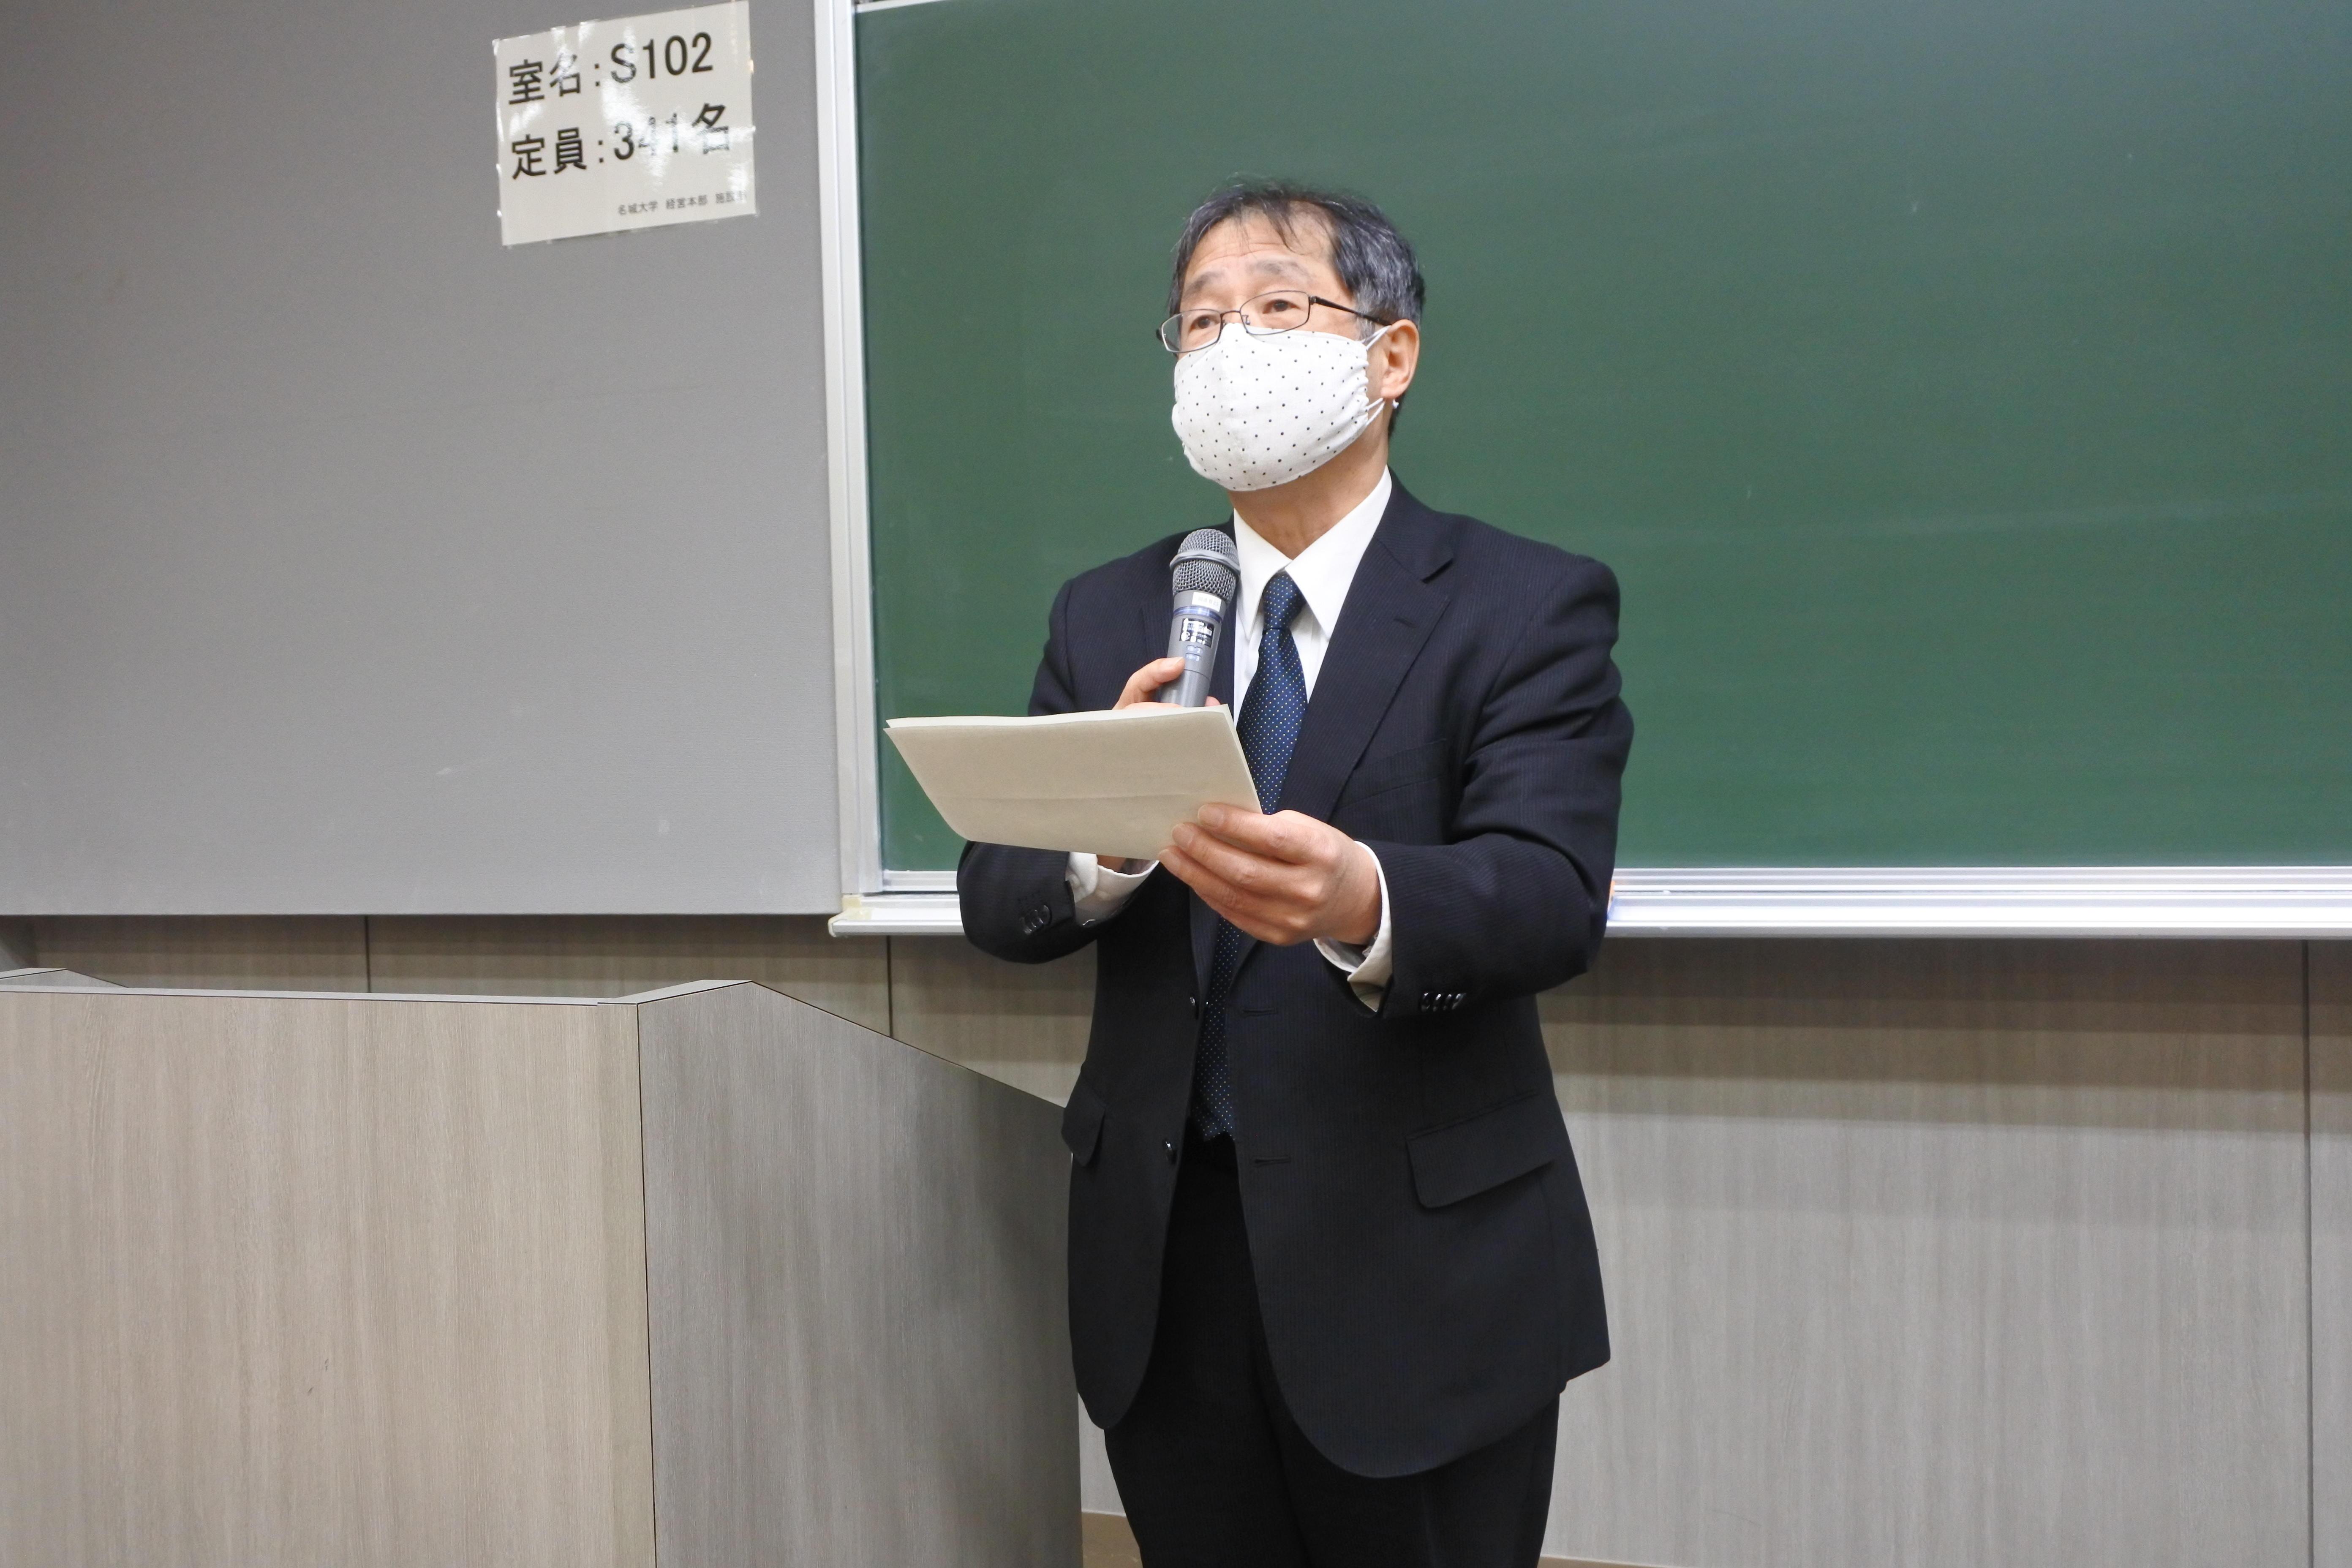 池上彰教授のメッセージを代読する運営委員長の大野栄治副学長